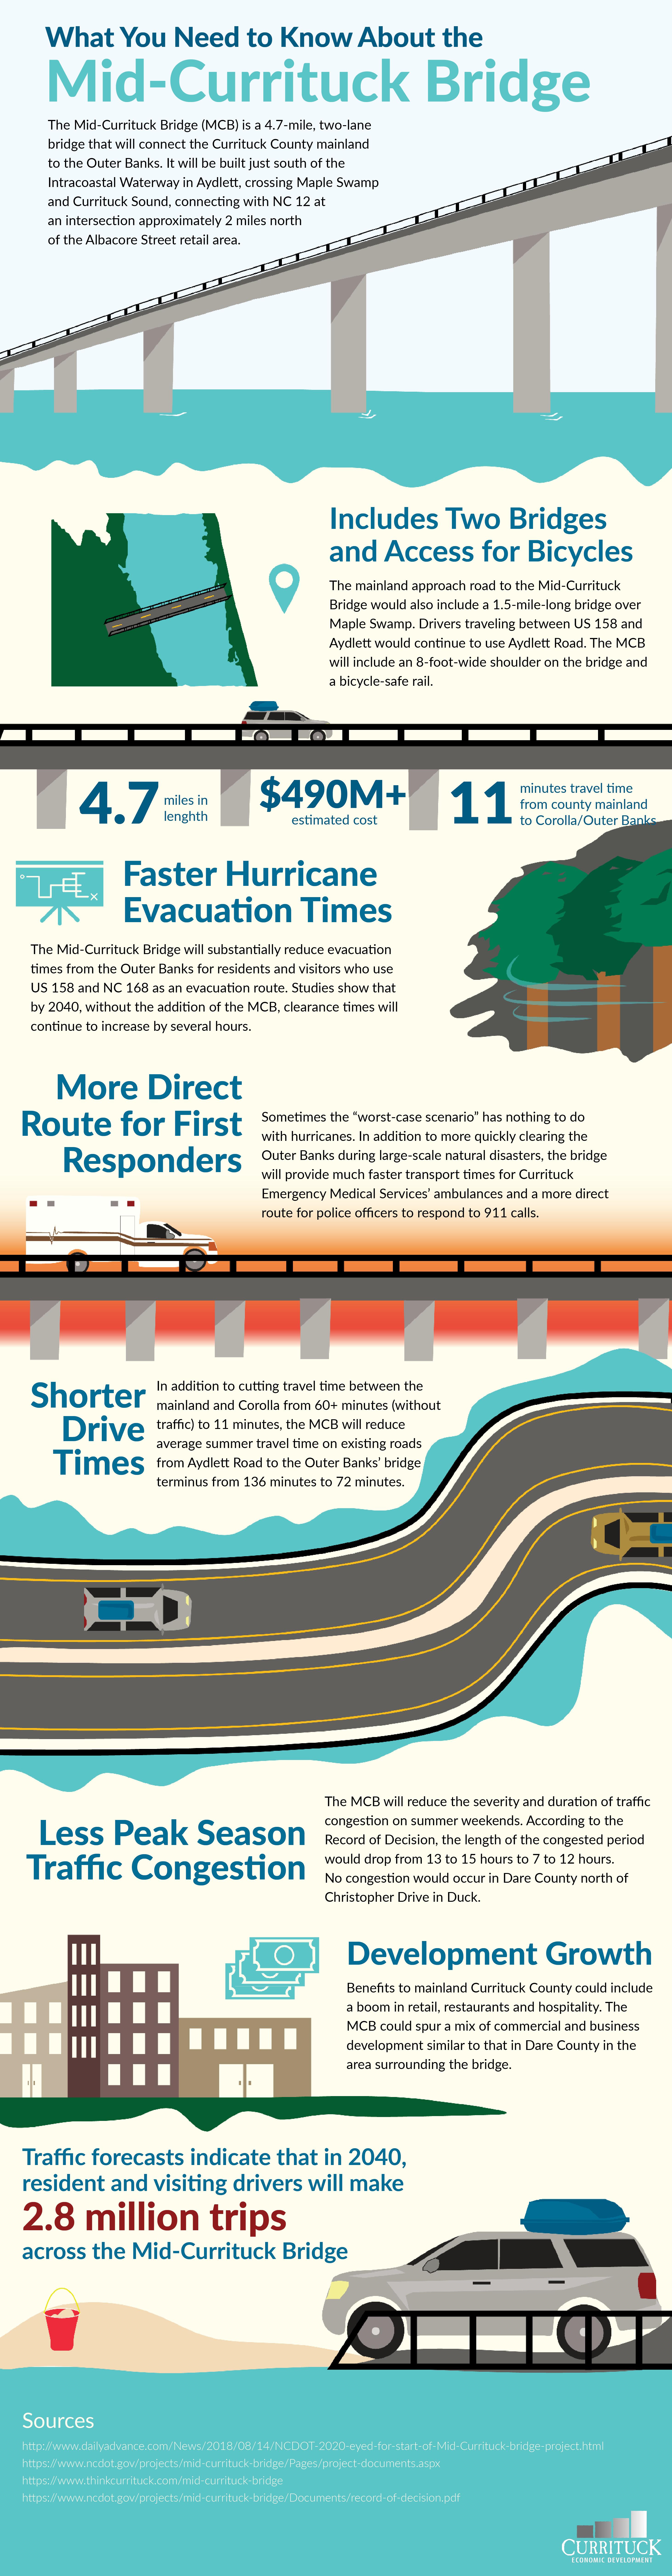 Mid-Currituck Bridge Infographic 2.2